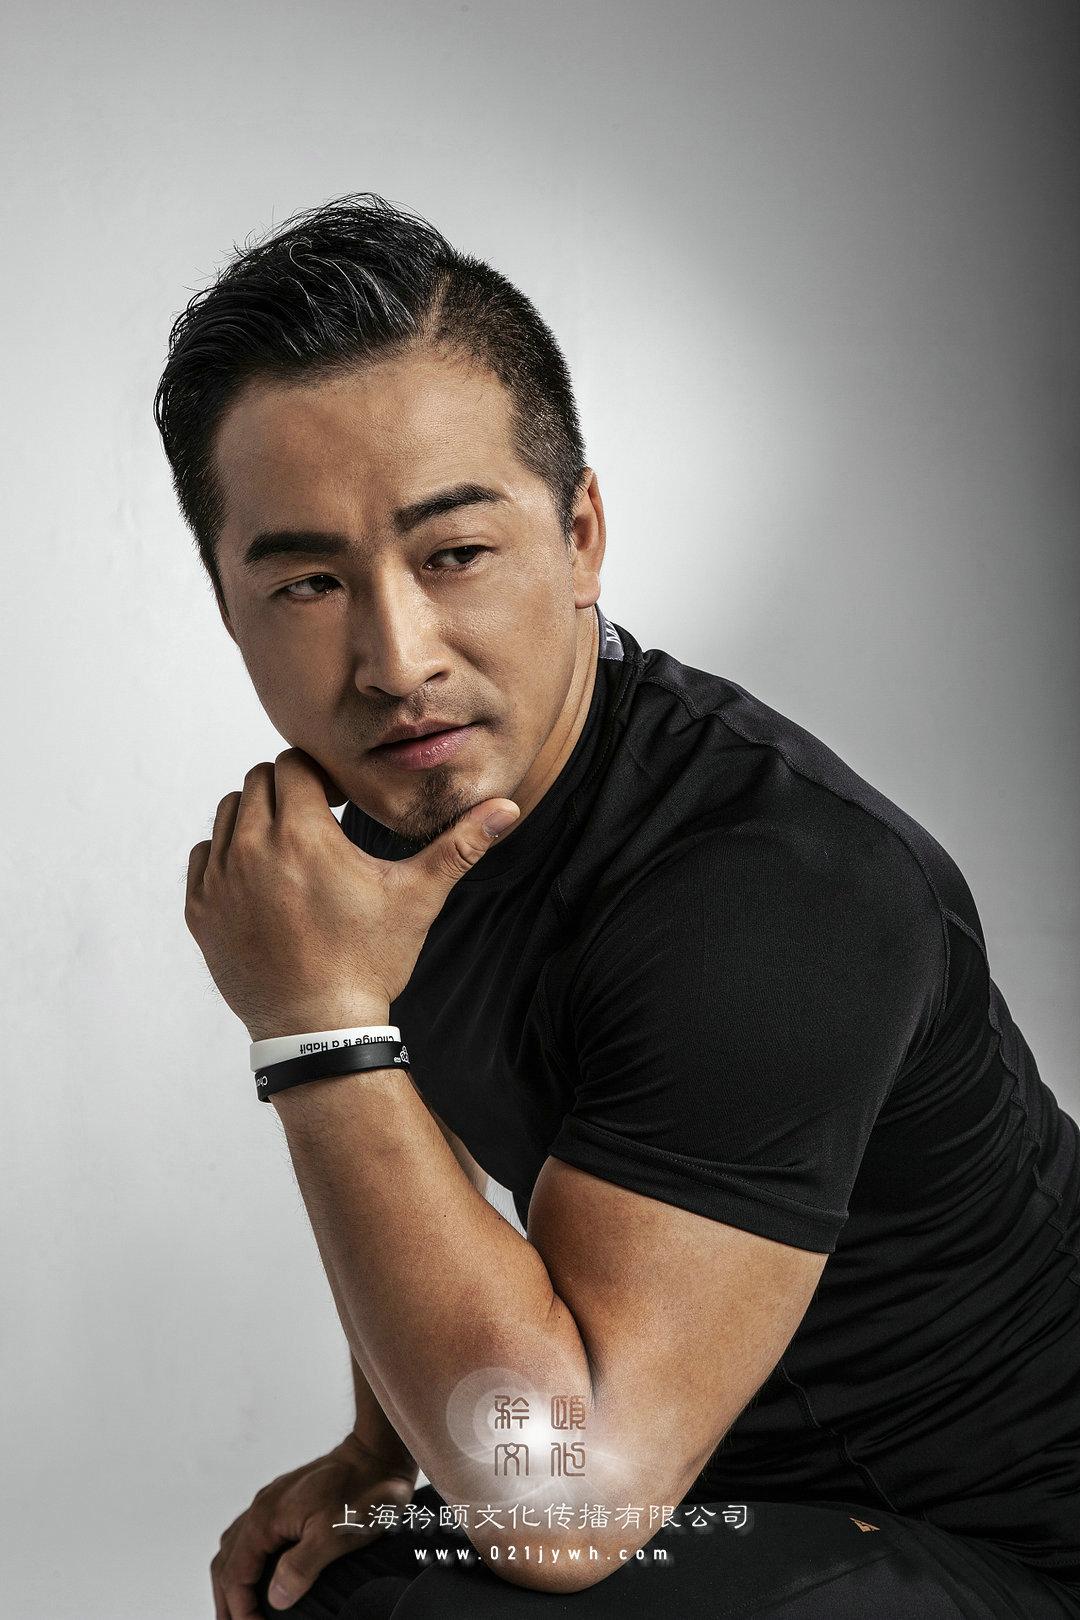 上海肌肉健身男模